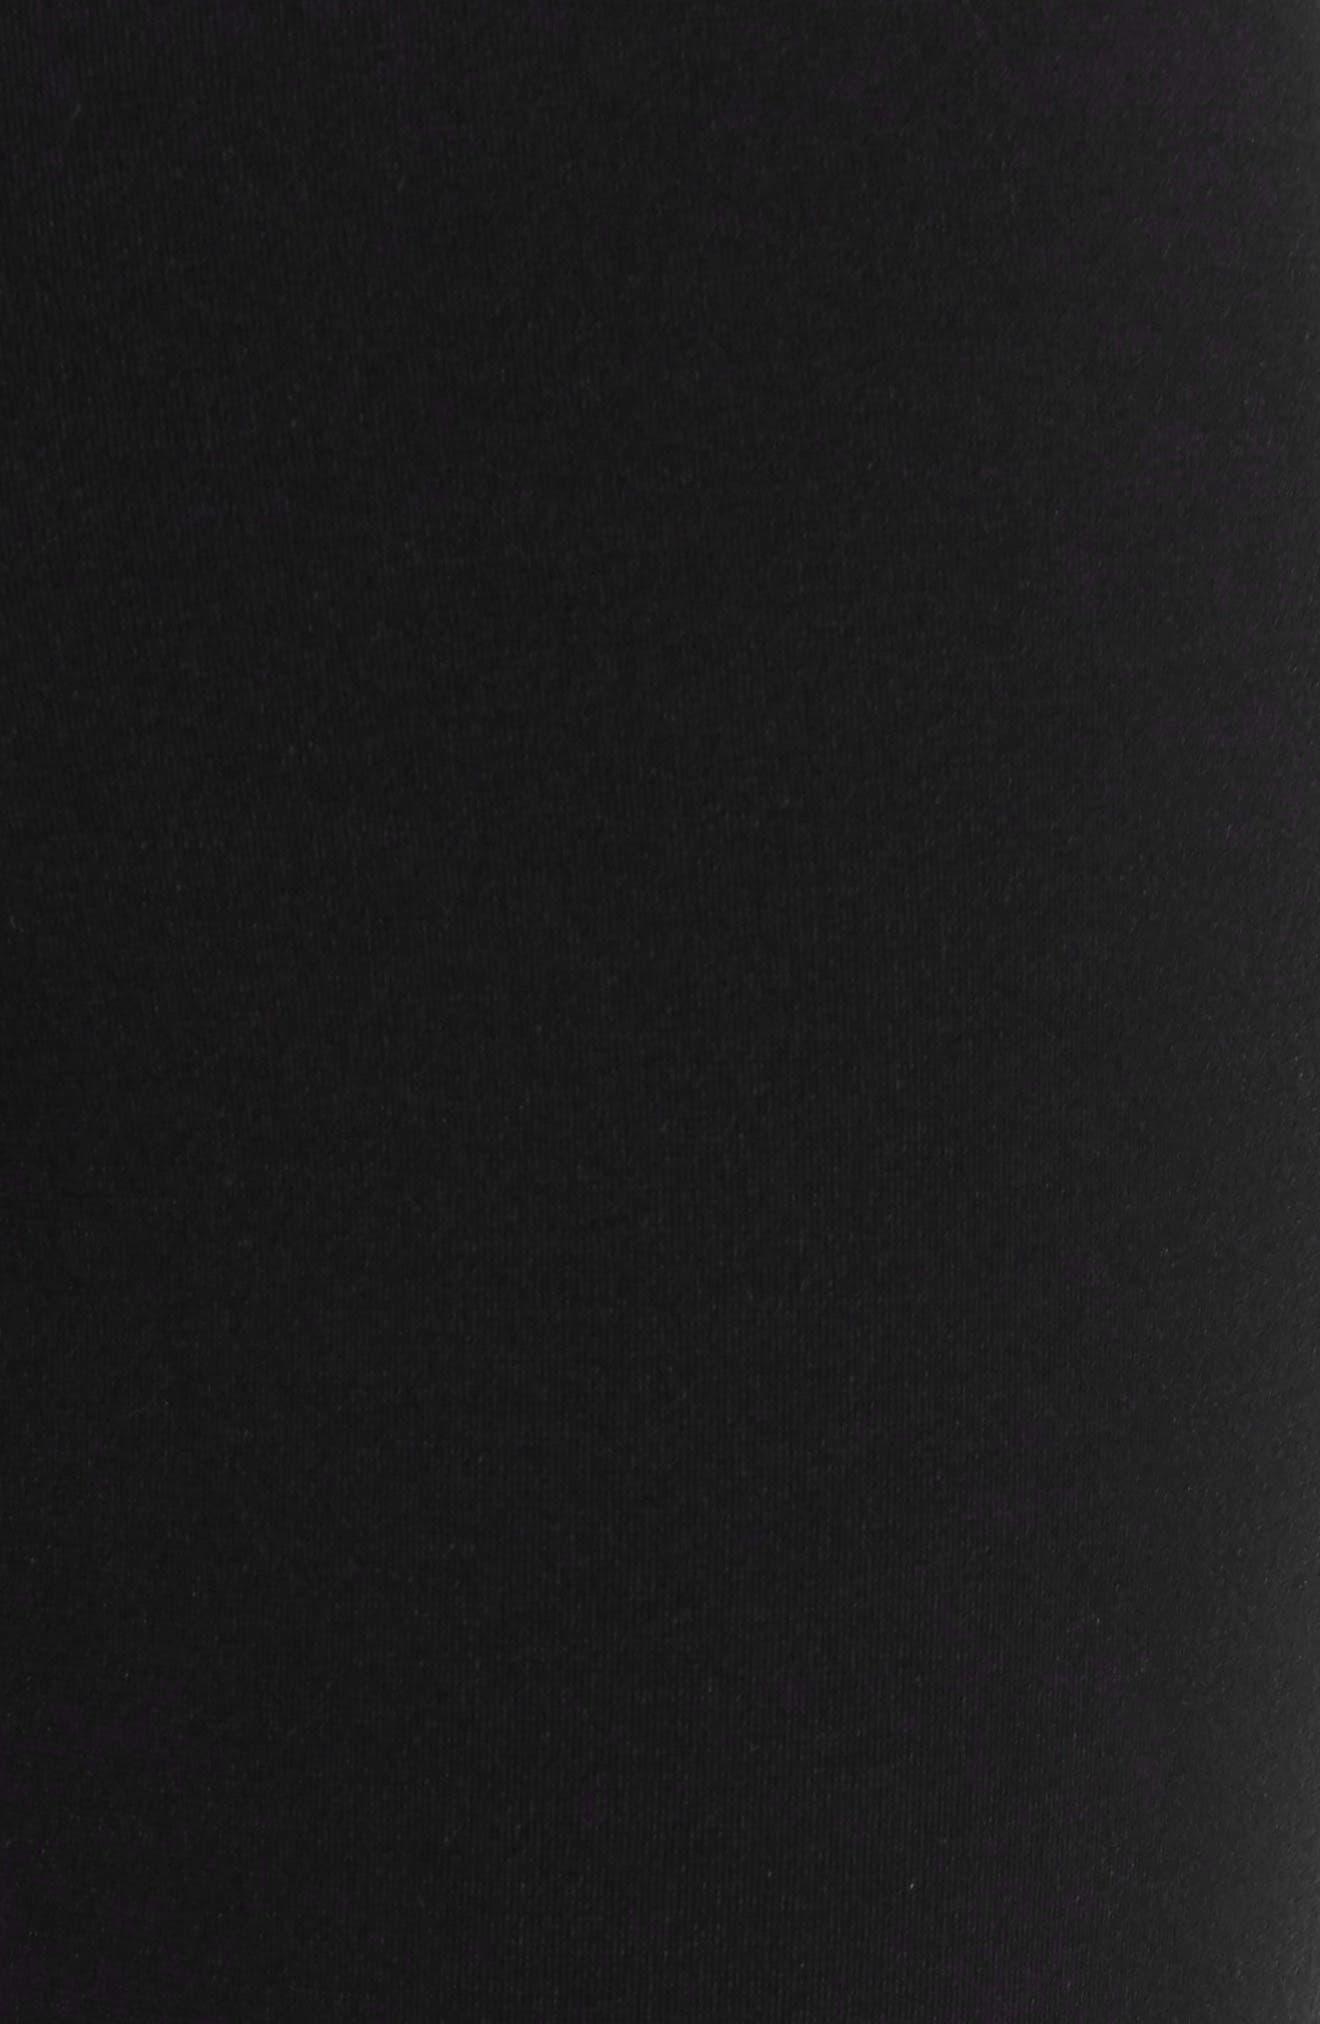 Petunia Ruffle Hem Pants,                             Alternate thumbnail 5, color,                             Black